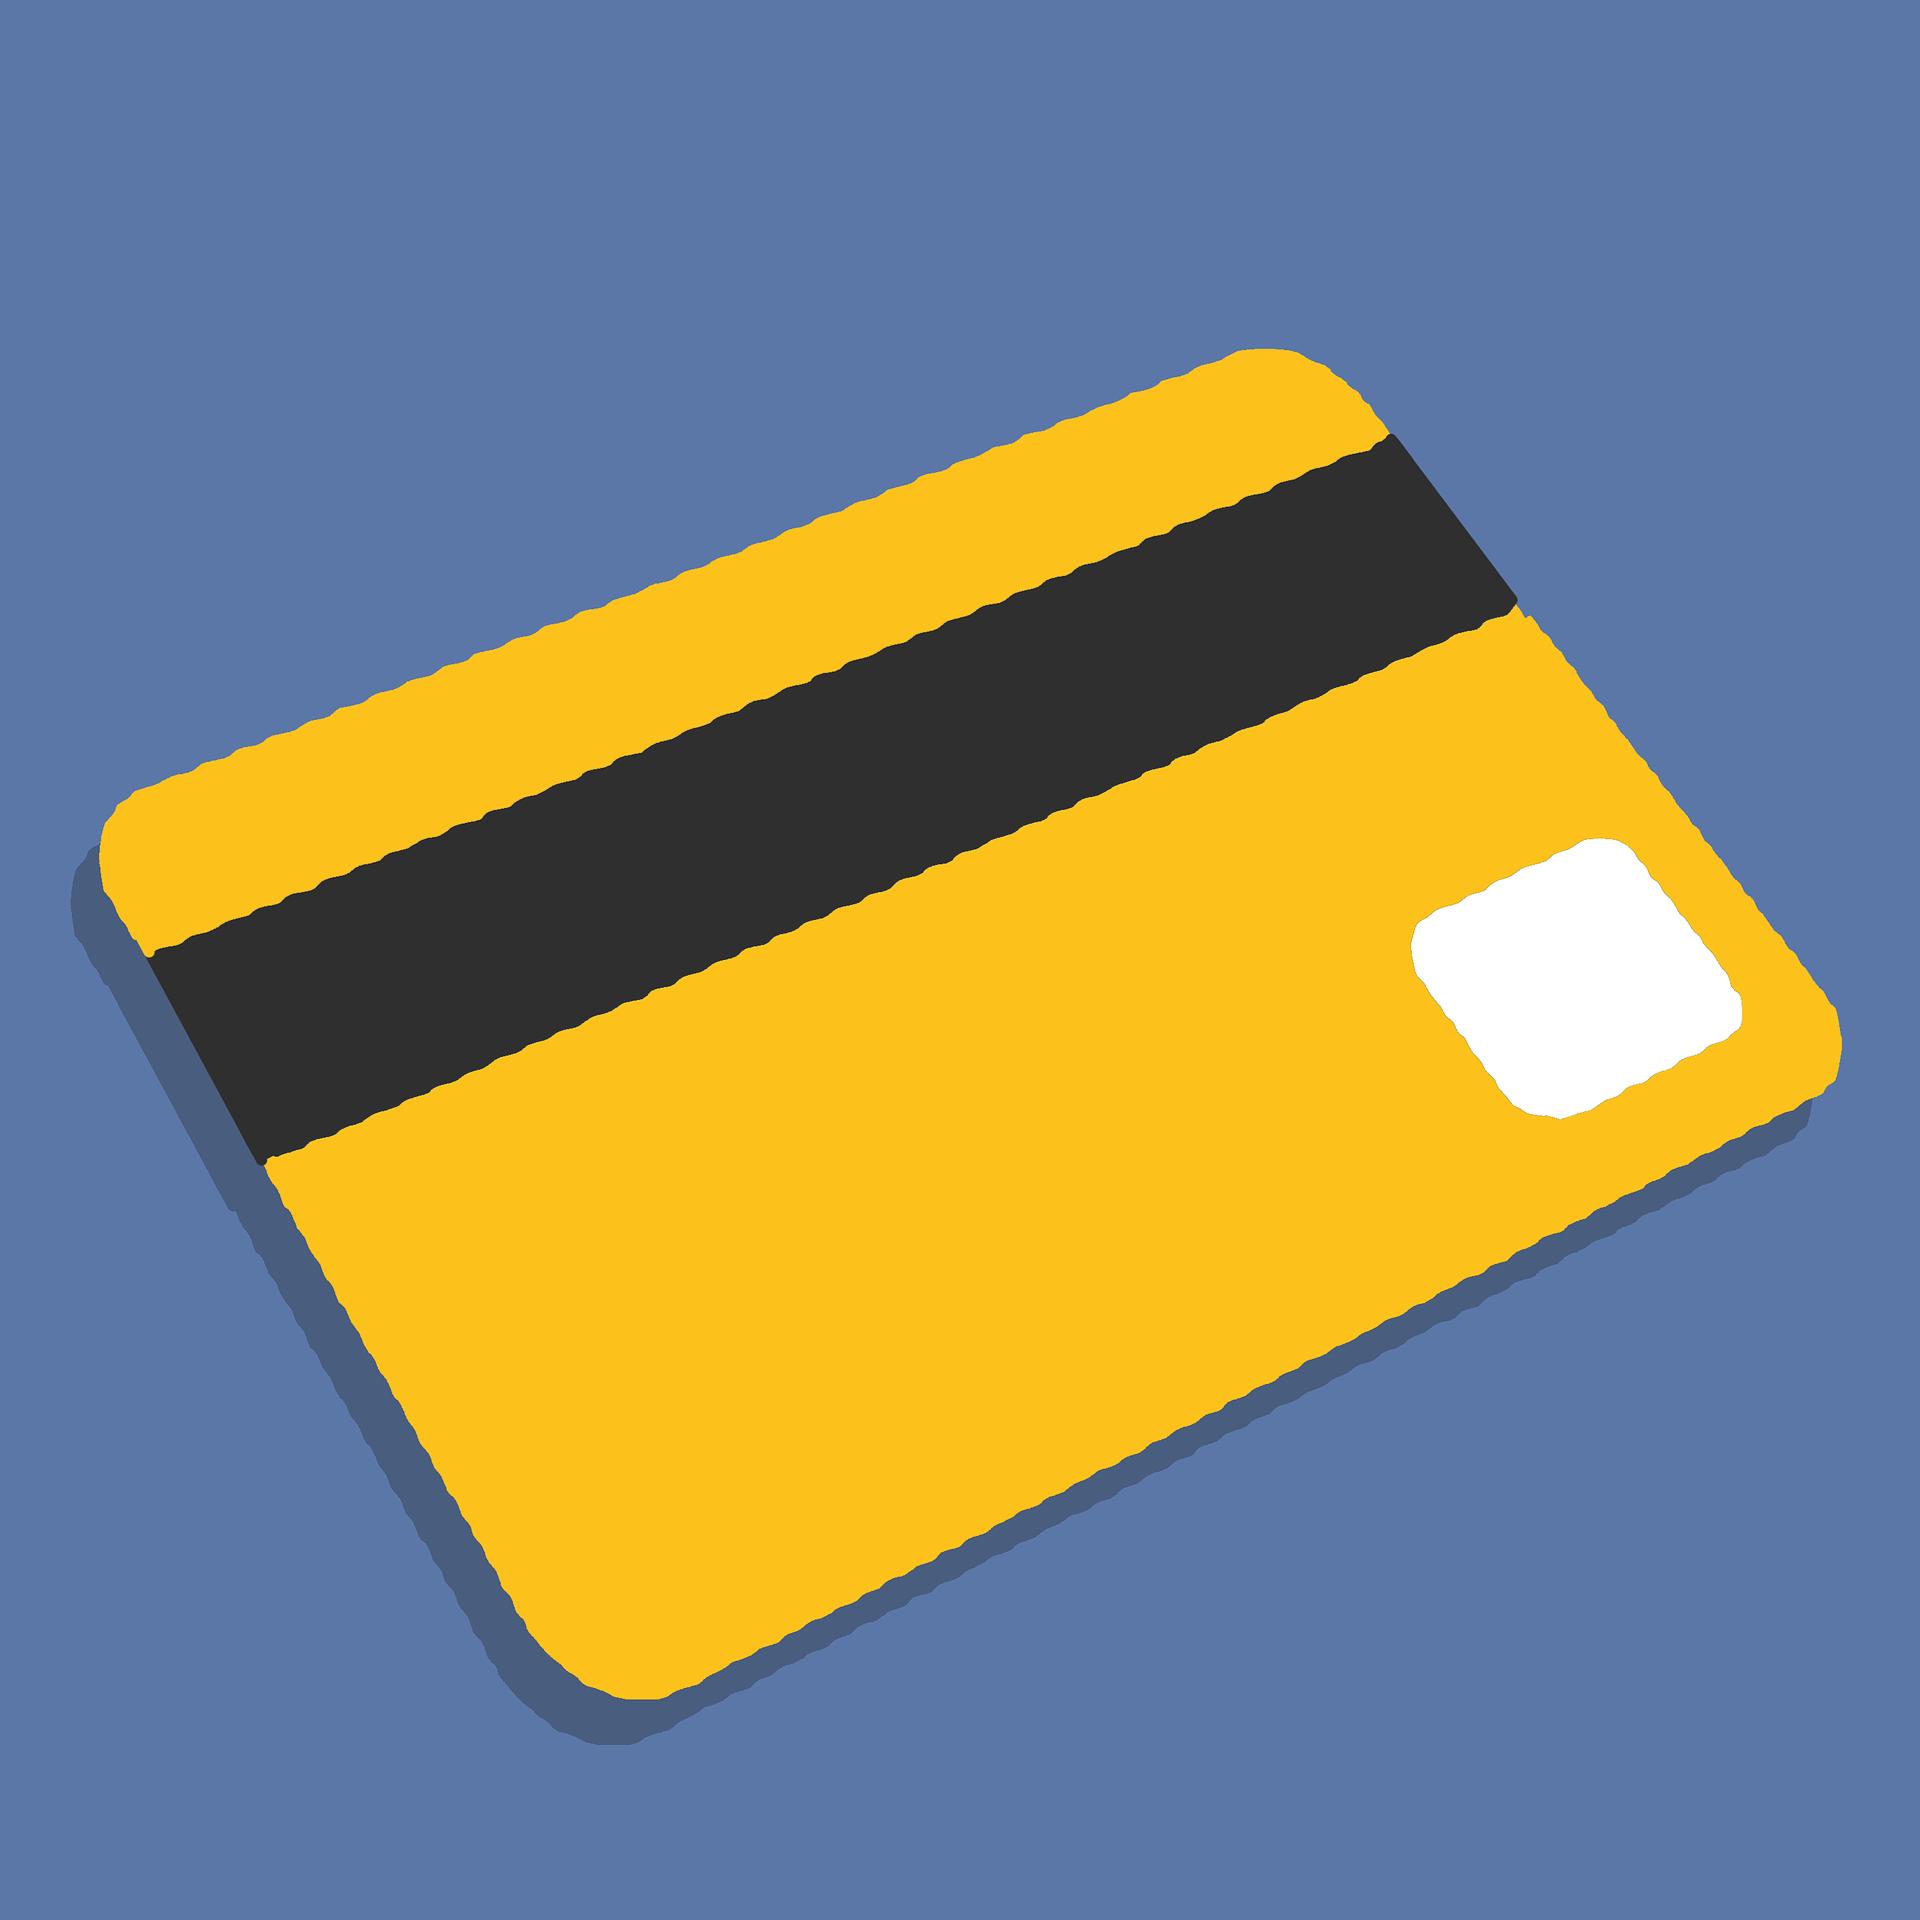 電子マネーの支払方法と使い方―おすすめサービス6選